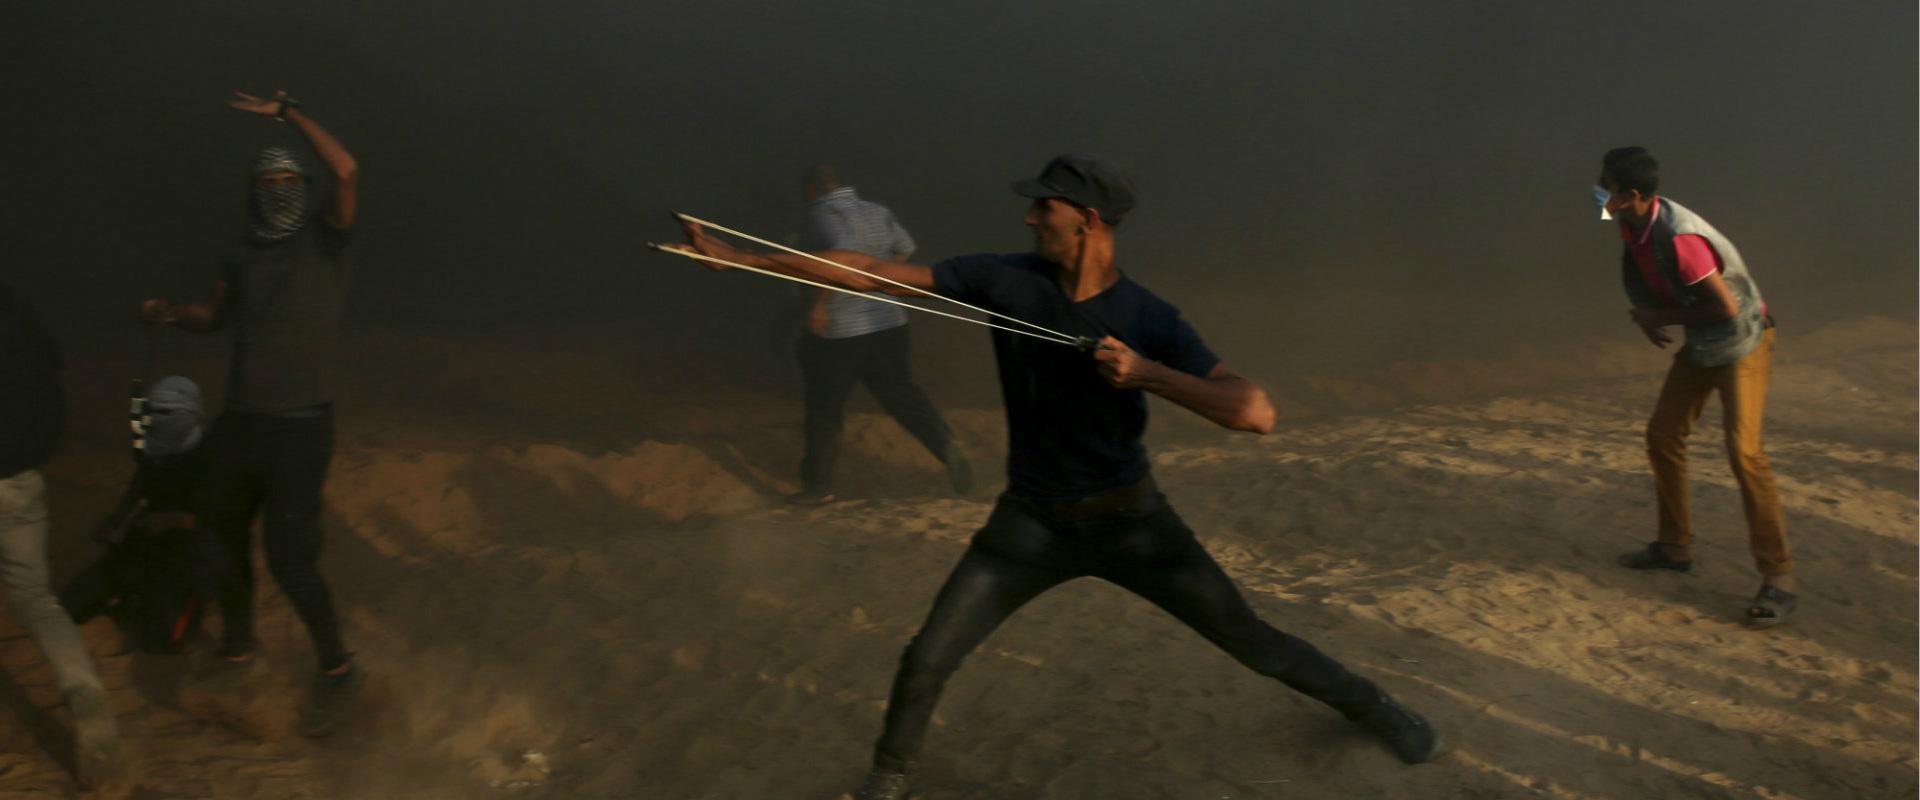 הפרות הסדר האלימות בגבול עם רצועת עזה